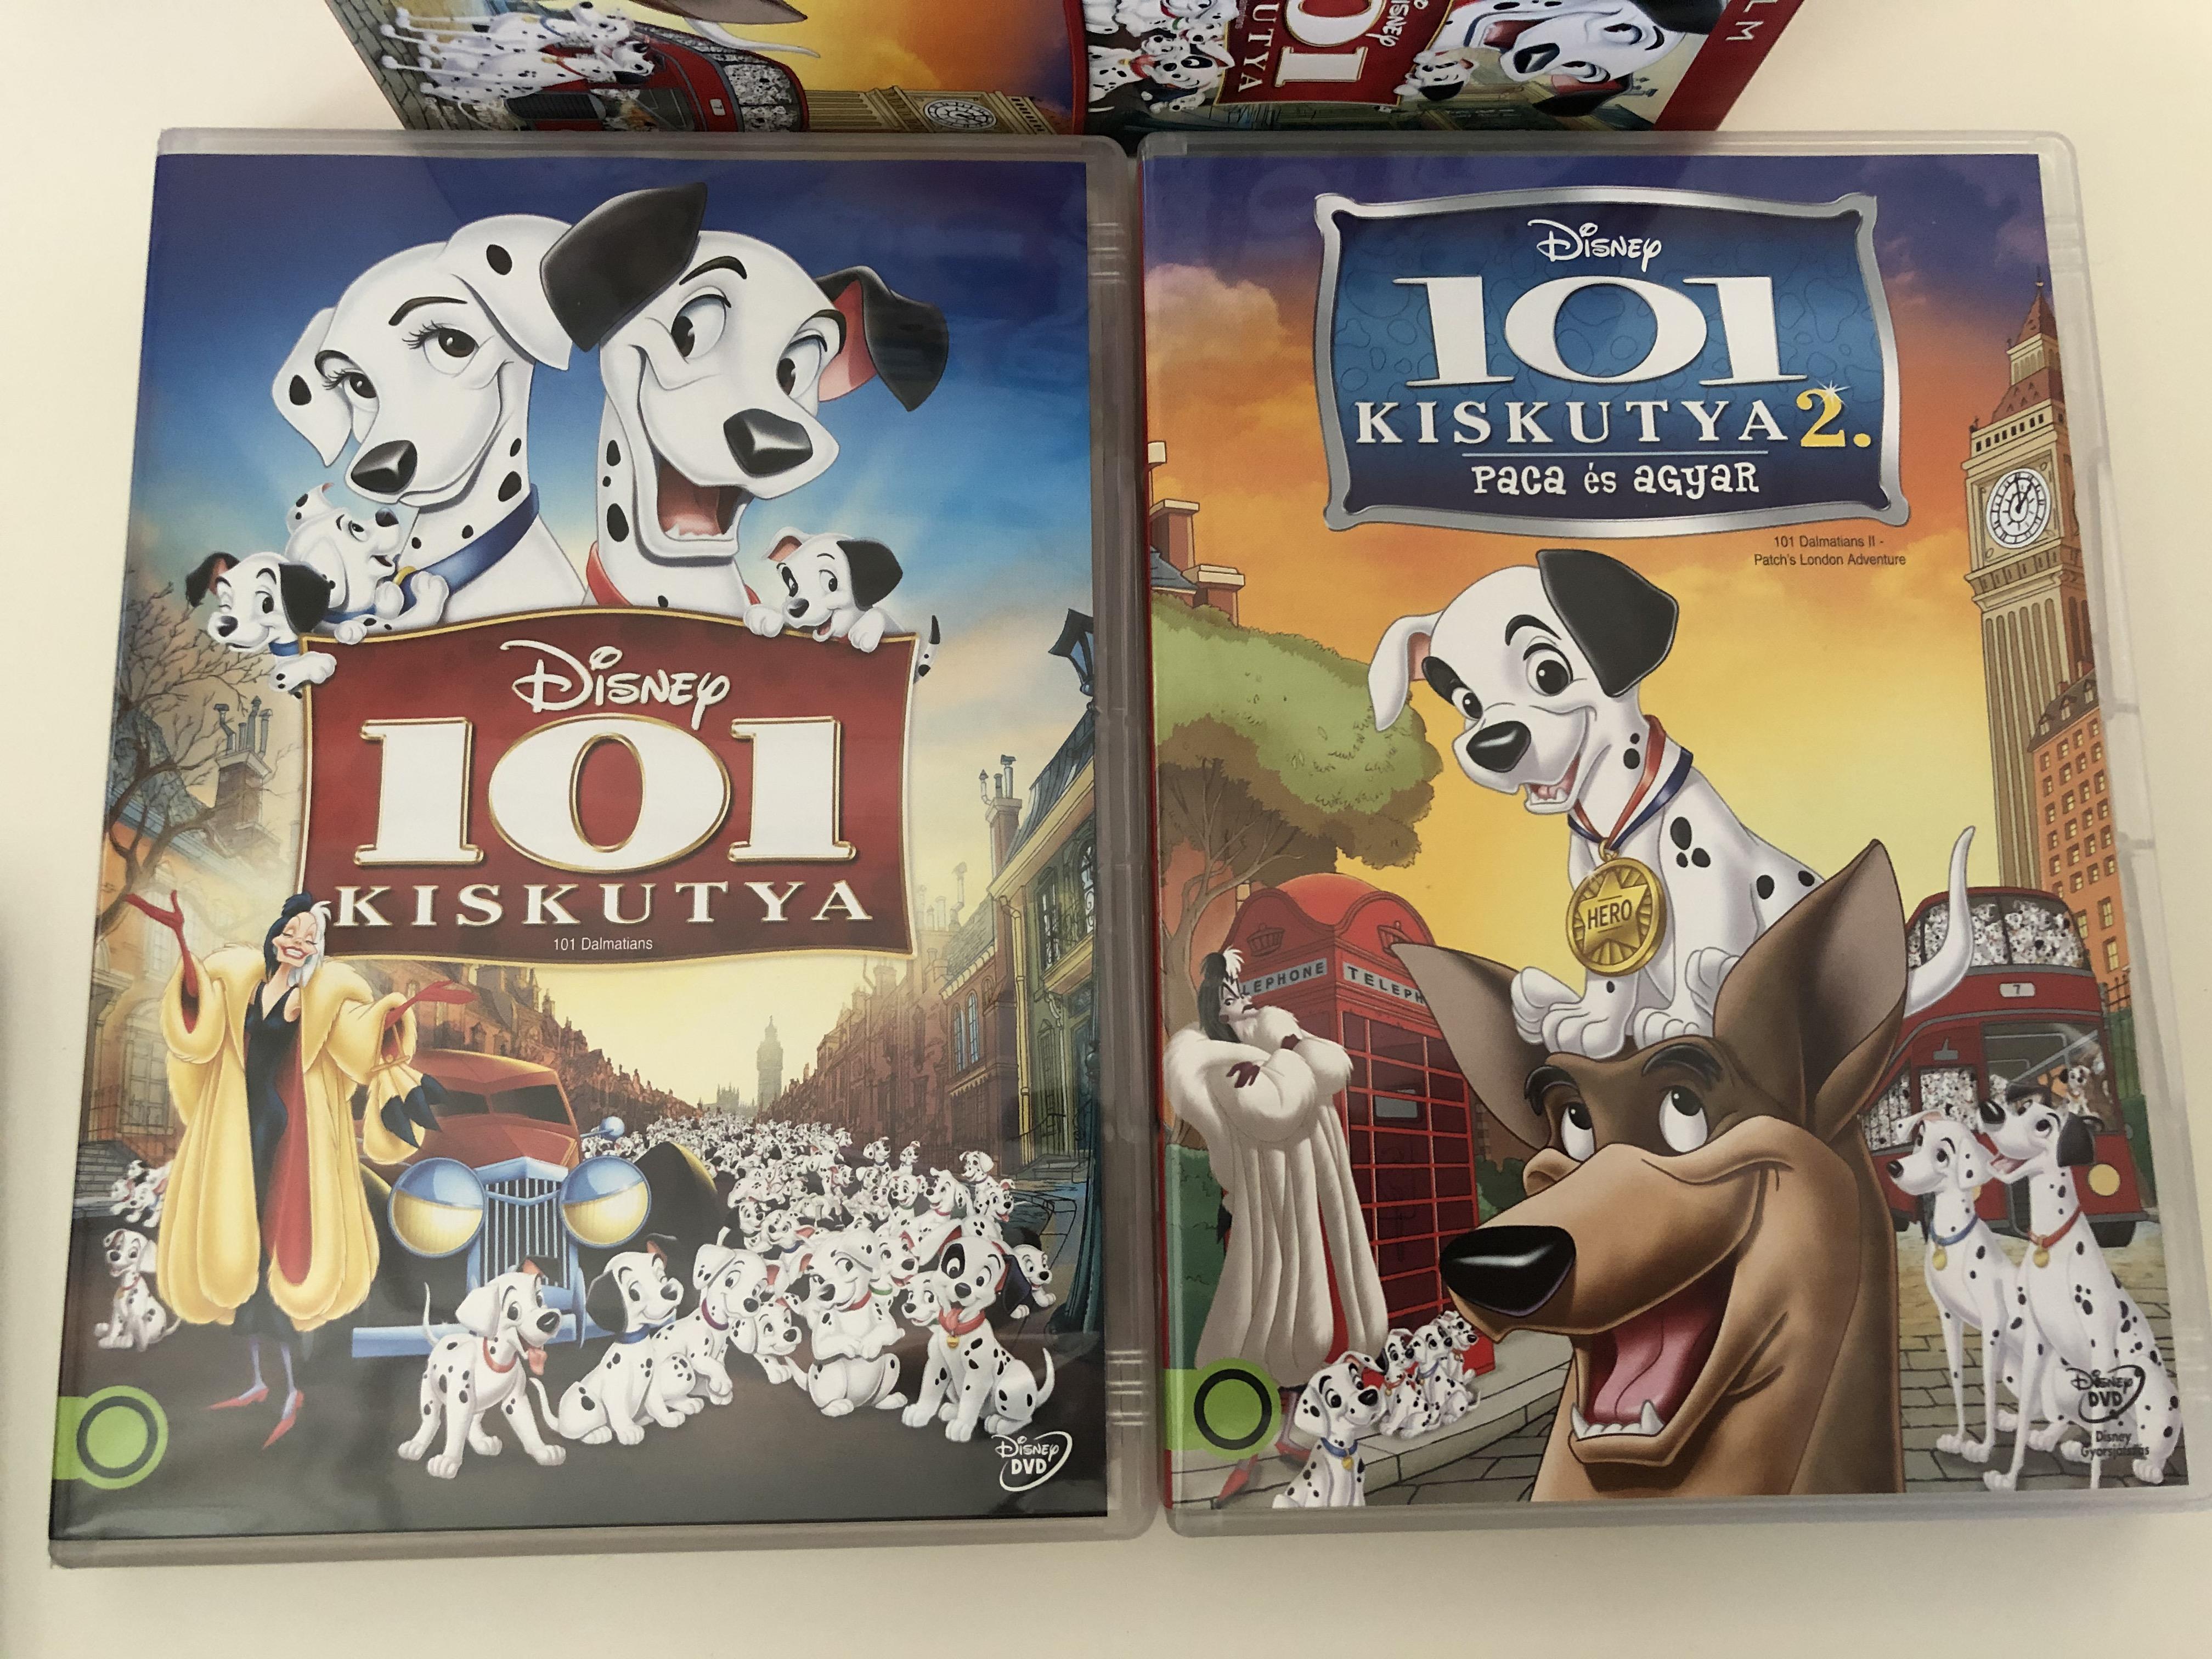 101-dalmatians-101-dalmatians-2-dvd-set-5.jpg